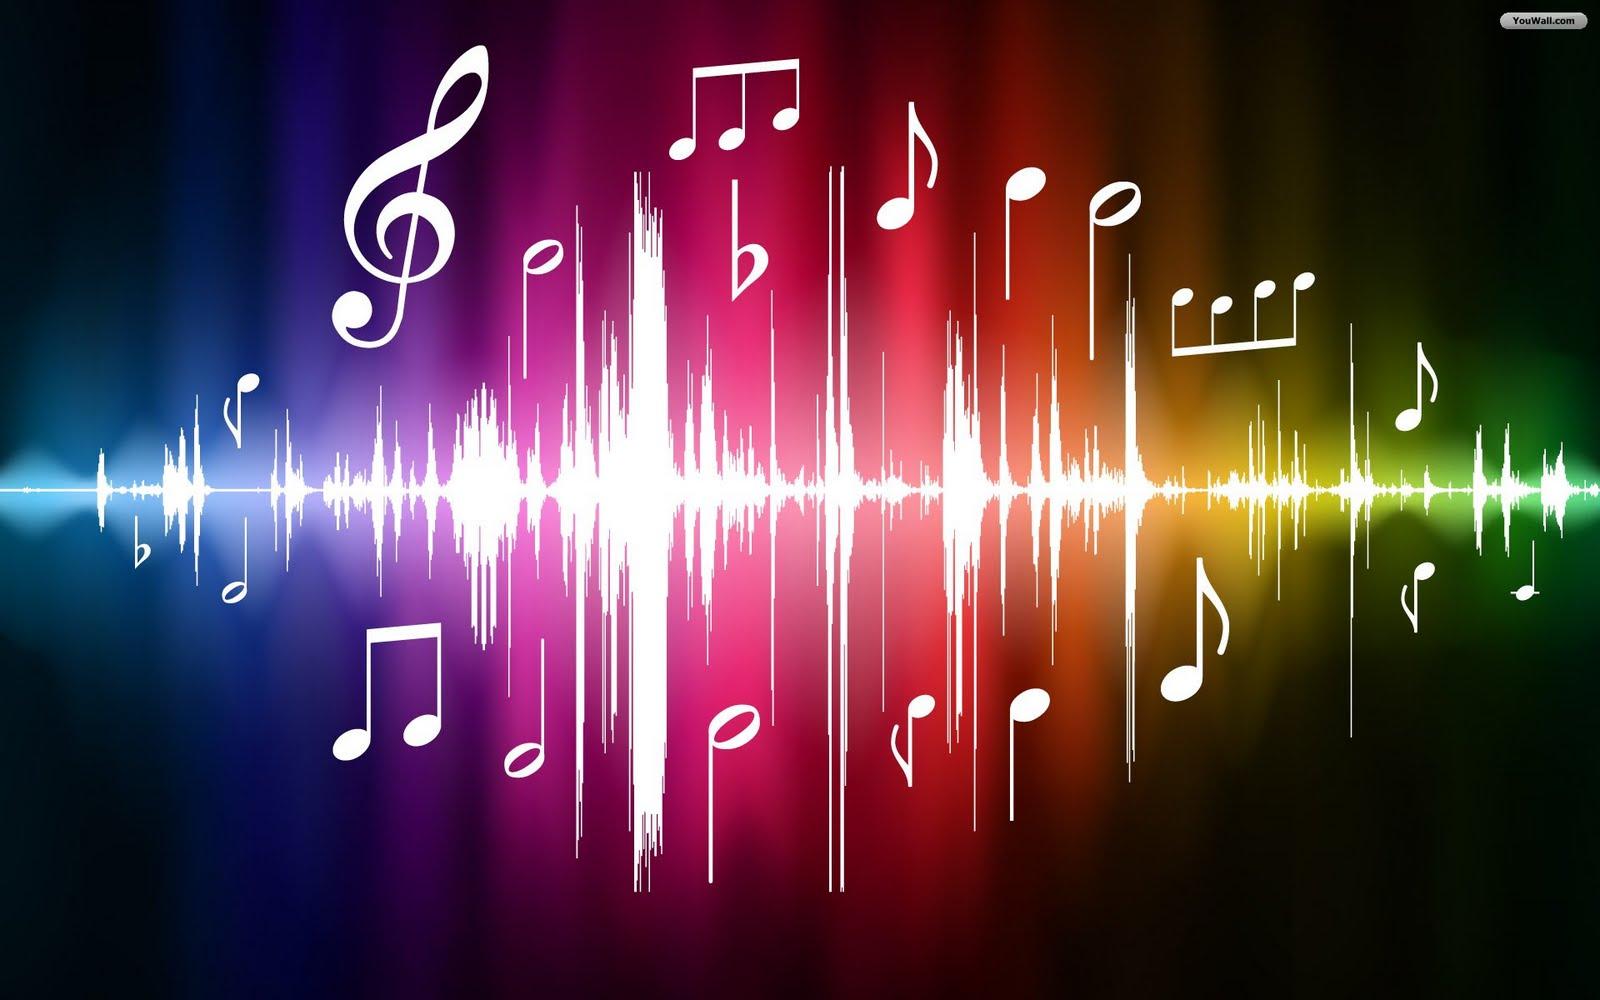 http://4.bp.blogspot.com/-5OiSky0nnaQ/TmpCmONjBtI/AAAAAAAAAJ0/zWjAYqJL01o/s1600/music_wallpaper_77d7b.jpg